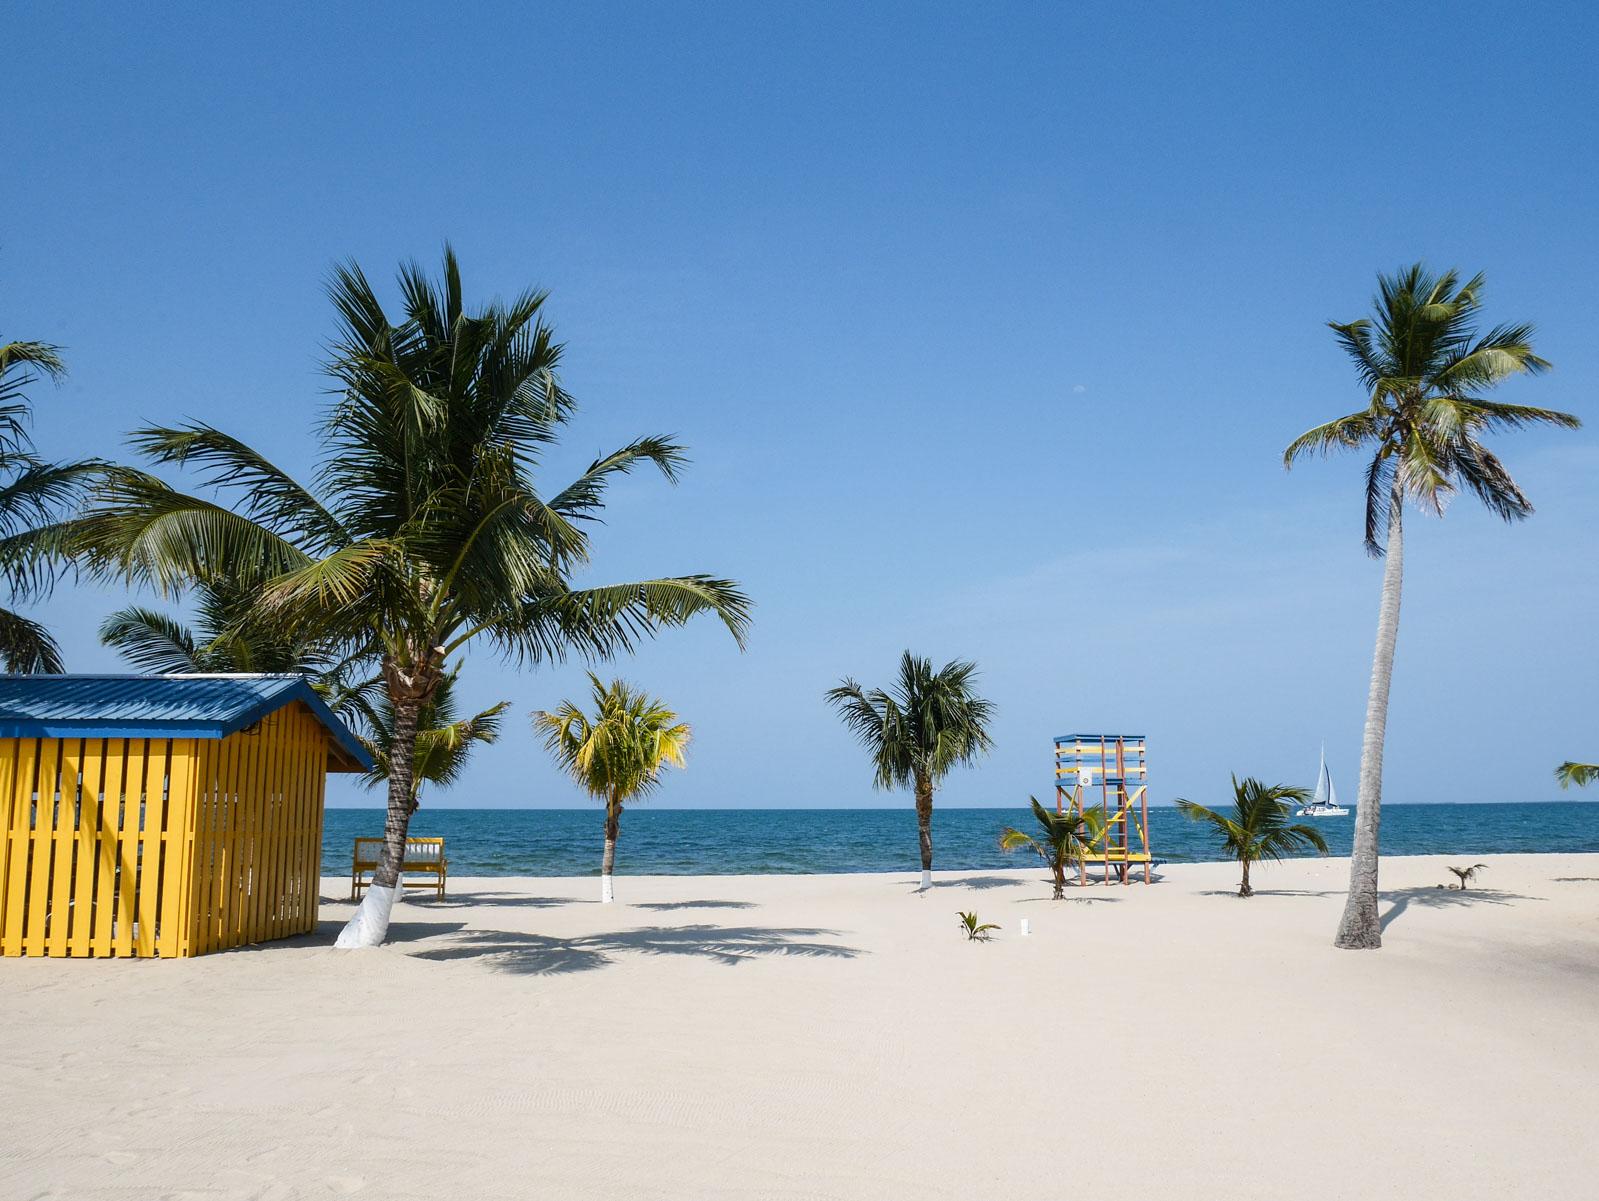 Découvrez les plus belles plages du Belize à Placencia